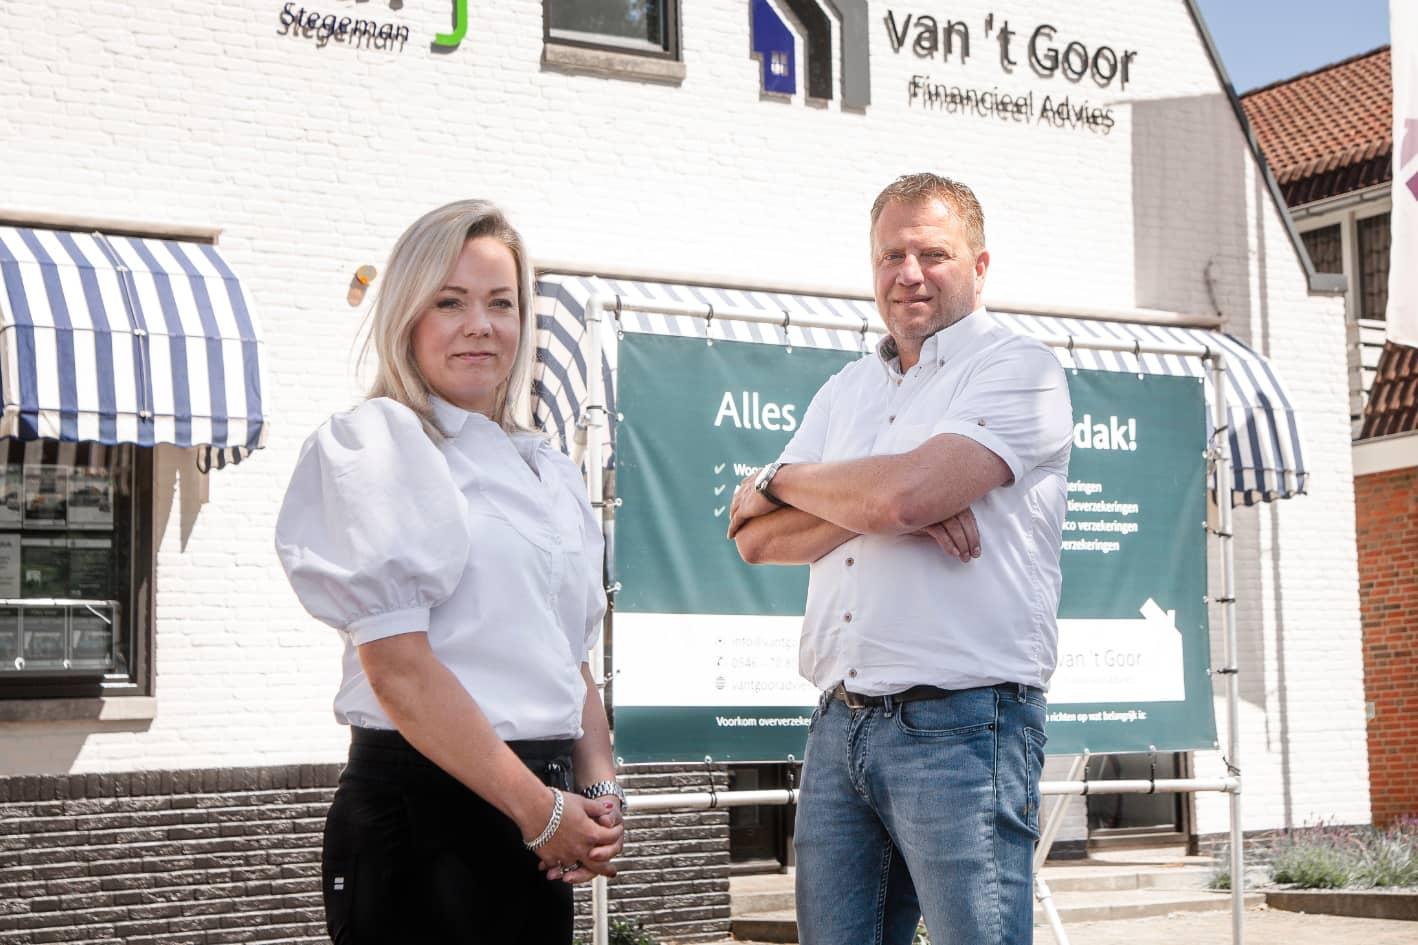 Melissa en Gert Jan van 't Goor, eigenaren van Van 't Goor Financieel Advies